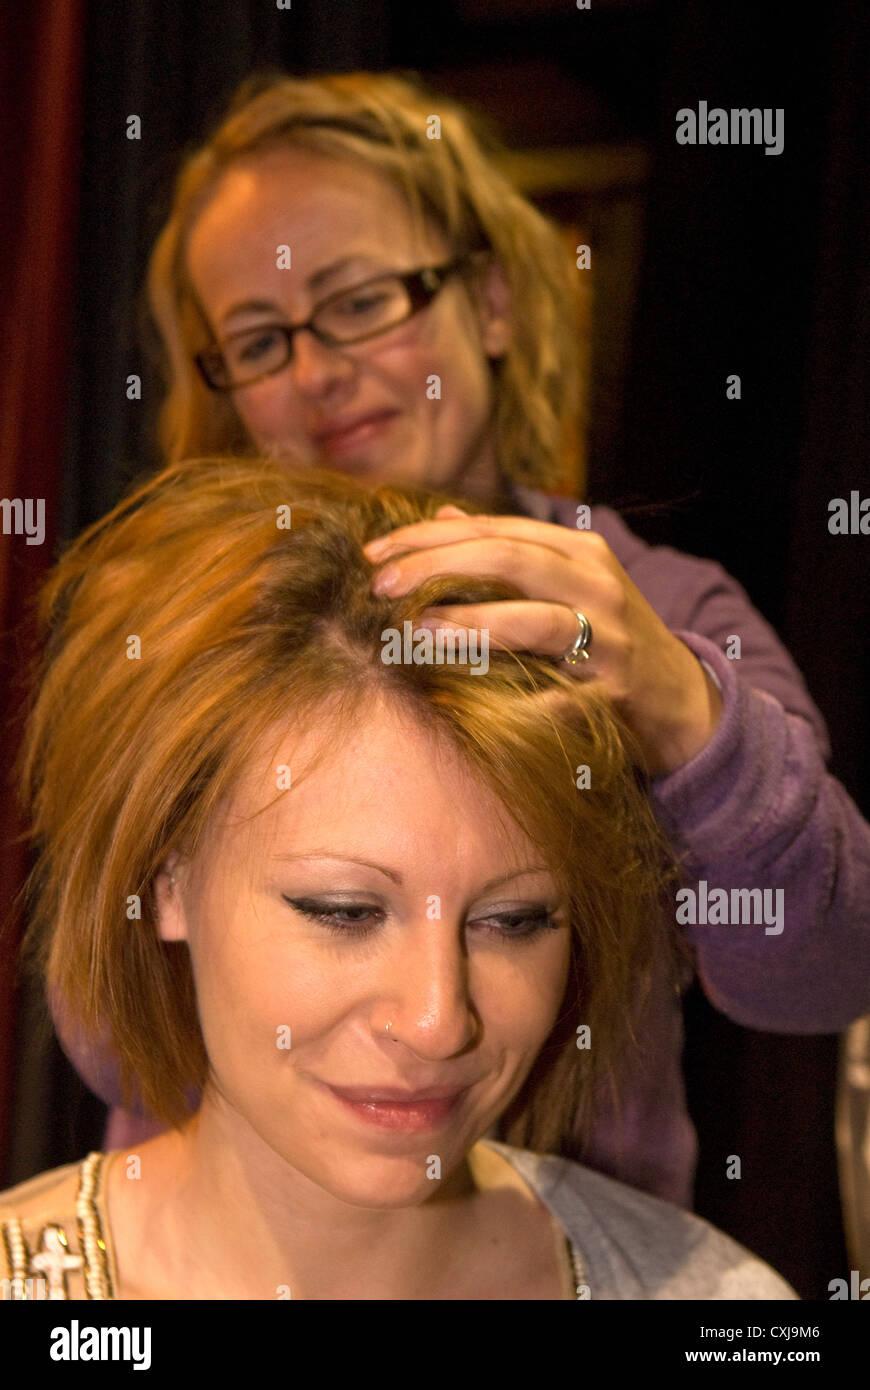 20 ans, fille, recevant un massage indien de la tête à un événement des thérapies alternatives, Photo Stock